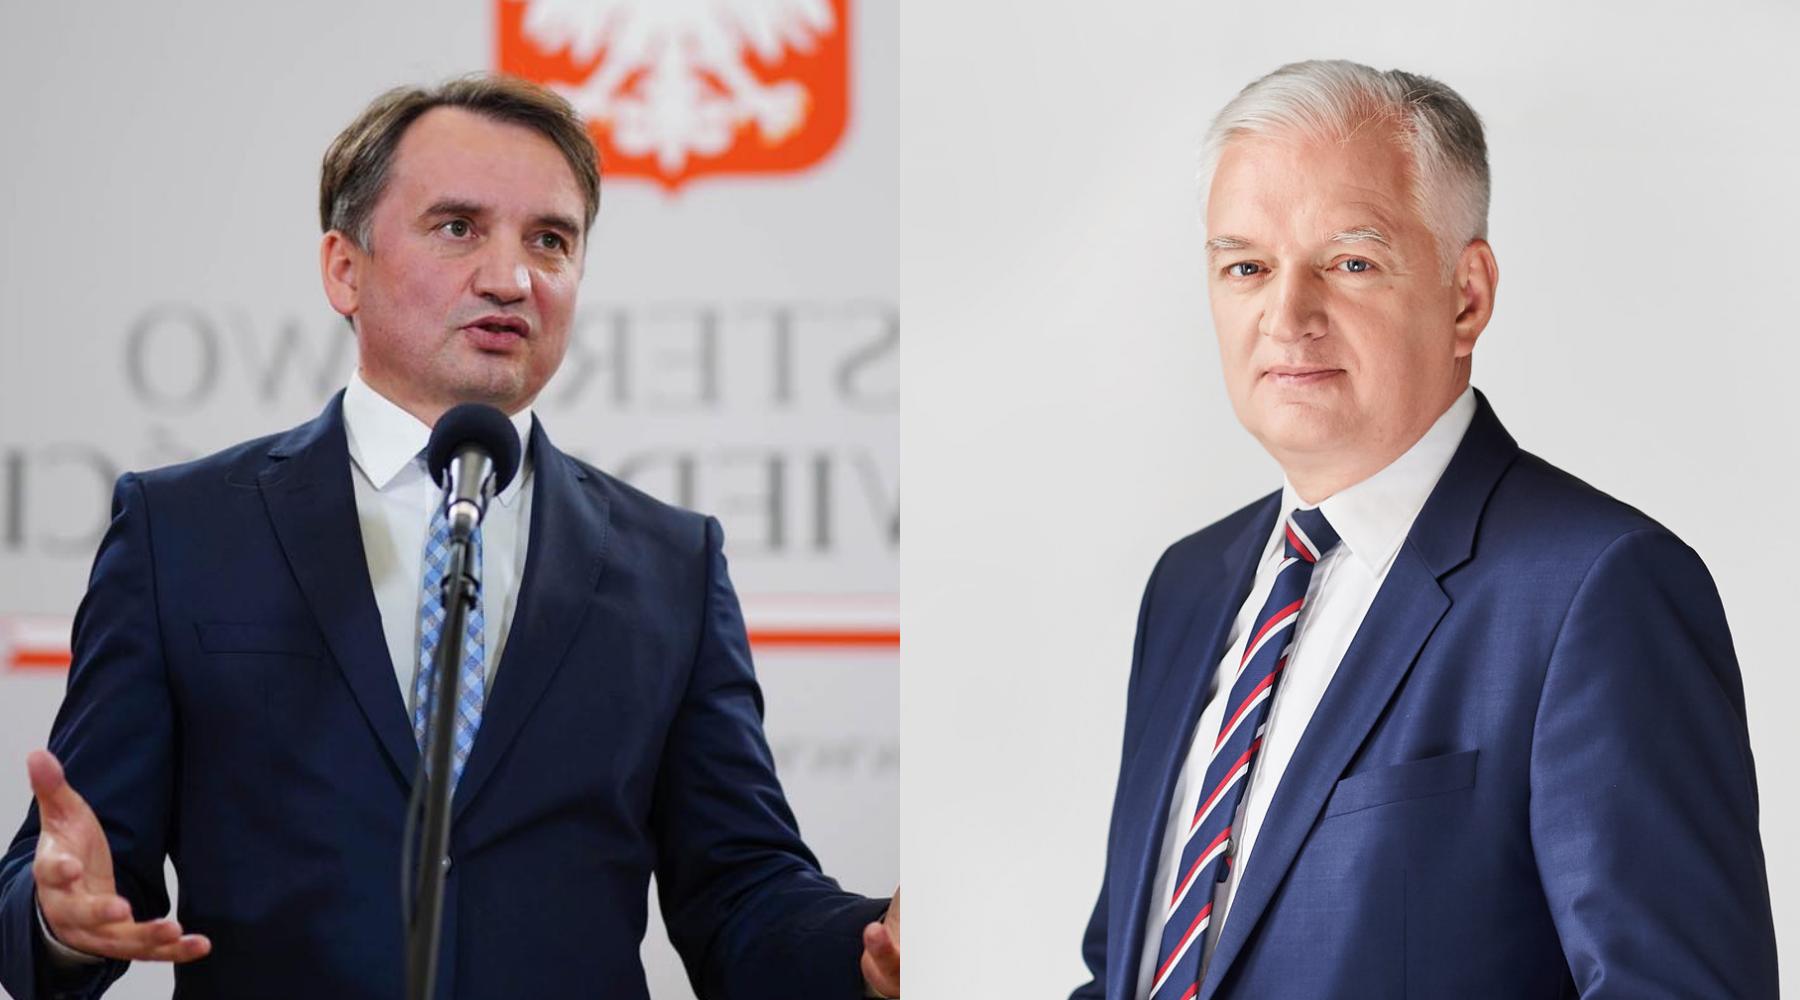 Solidarna Polska nie zagłosuje z koalicjantami. Gowin: Liczymy na głosy opozycji